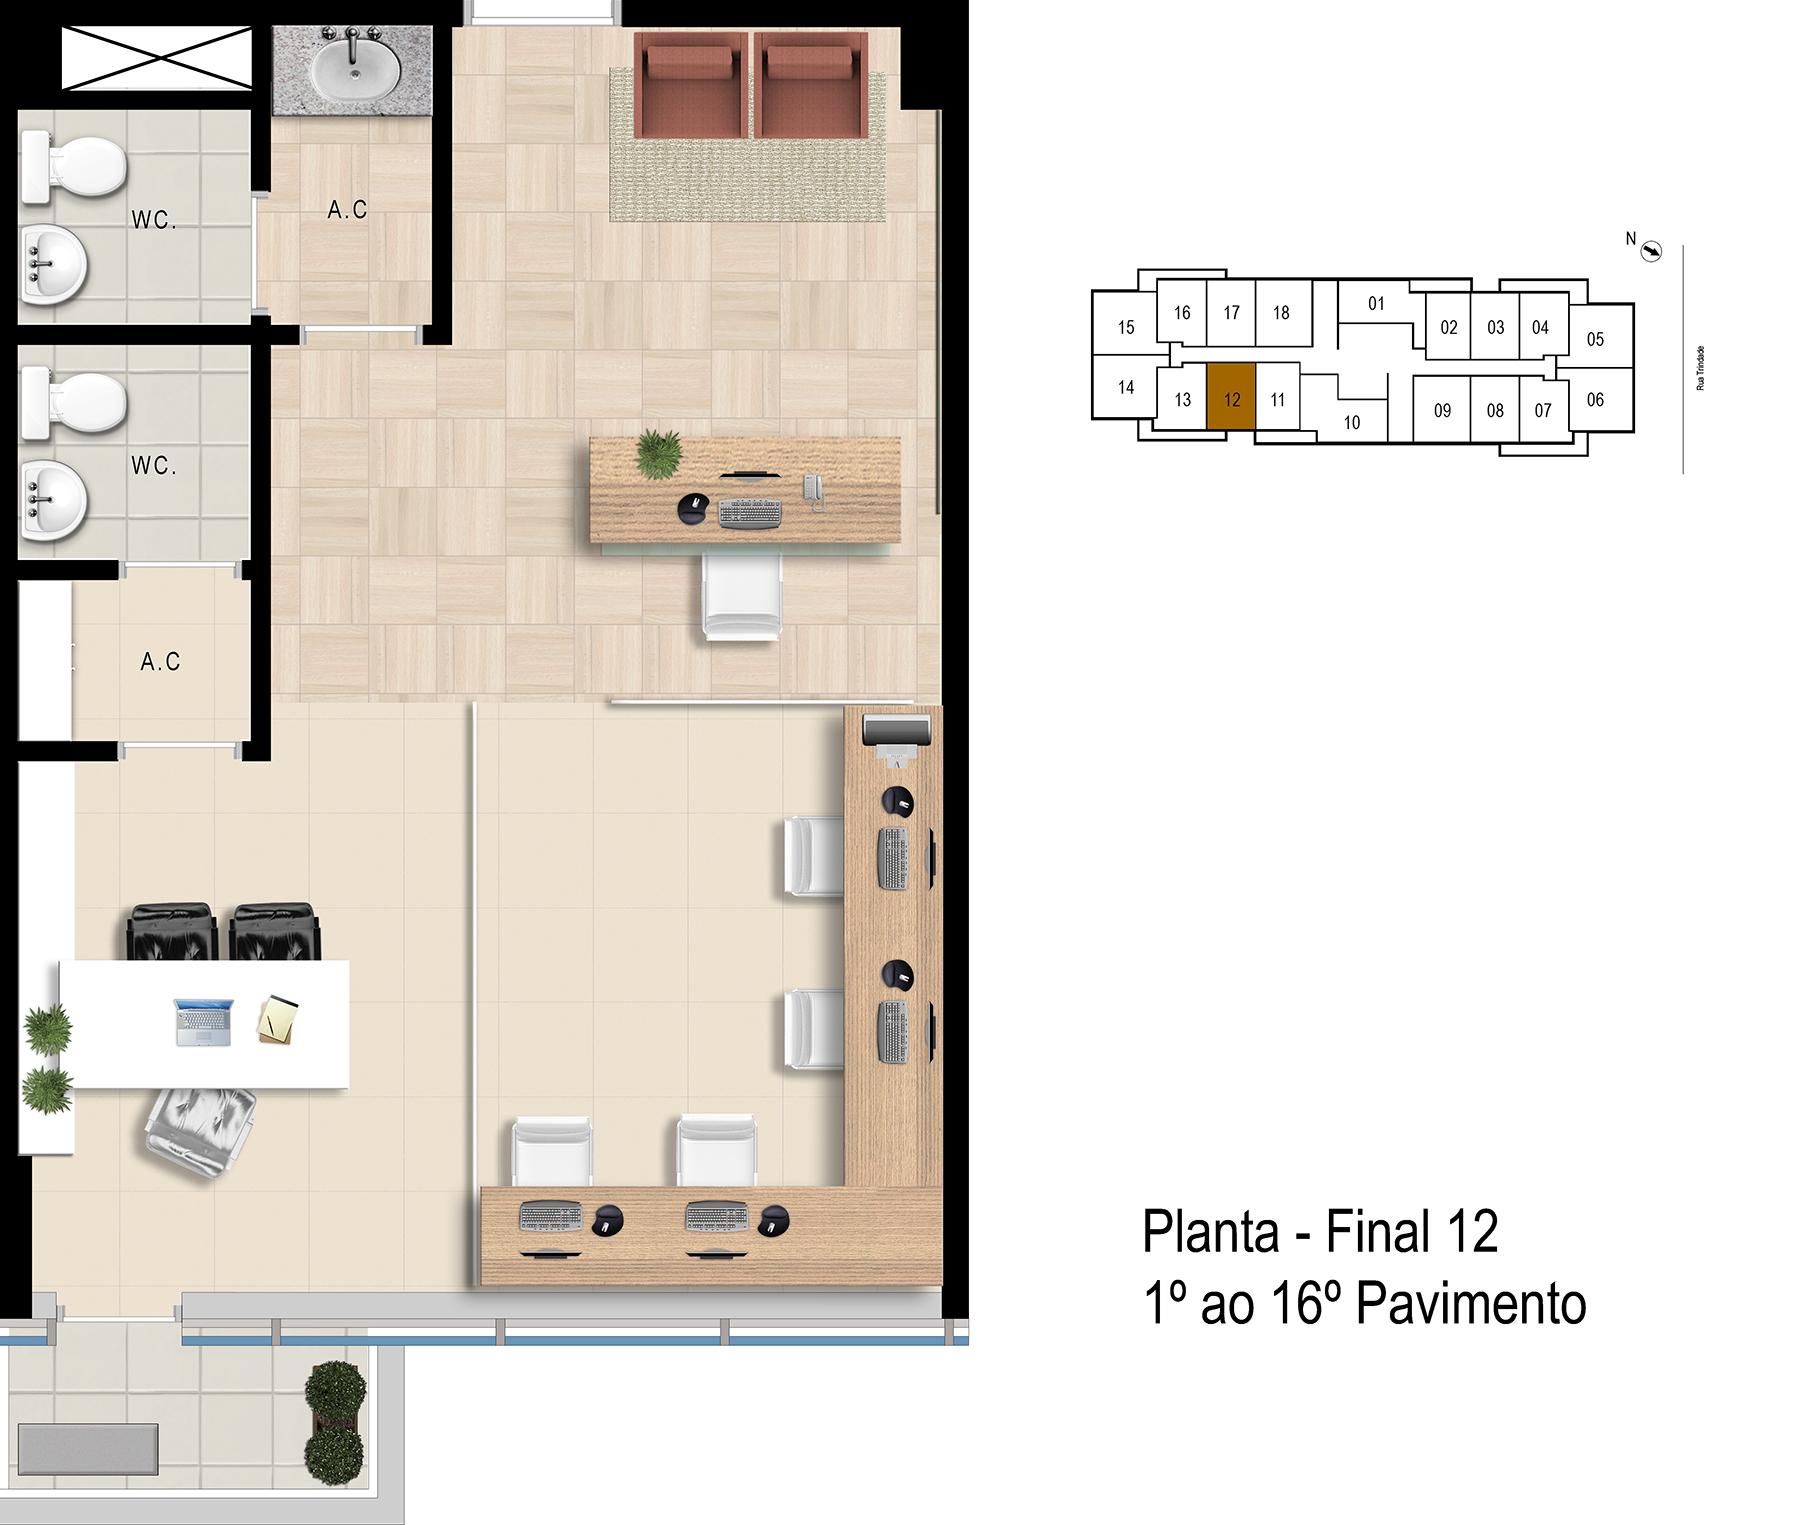 Final 12 - 1° ao 16° Pavimento Office Bethaville